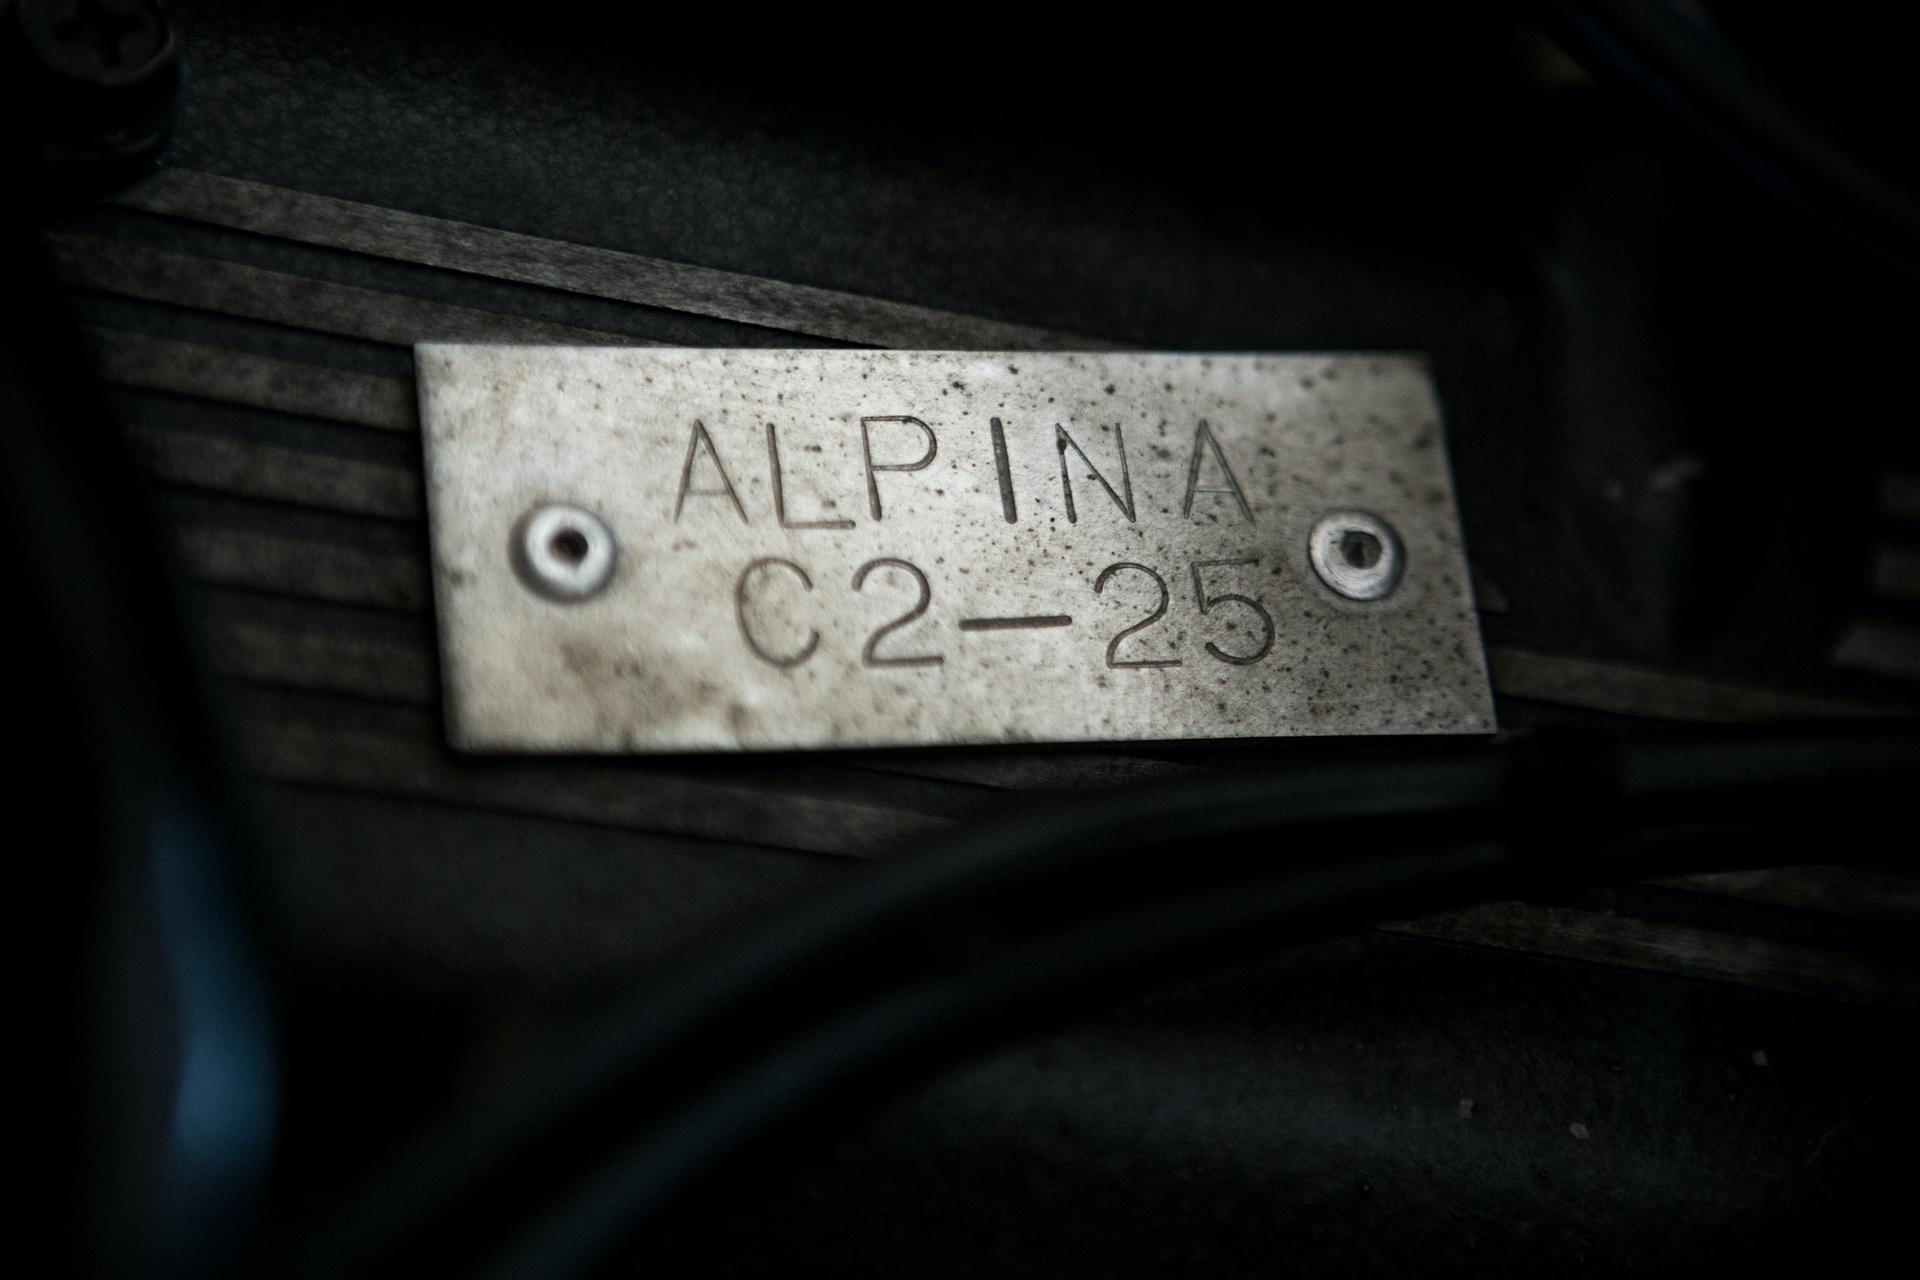 Alpina_C2_2.5_0000